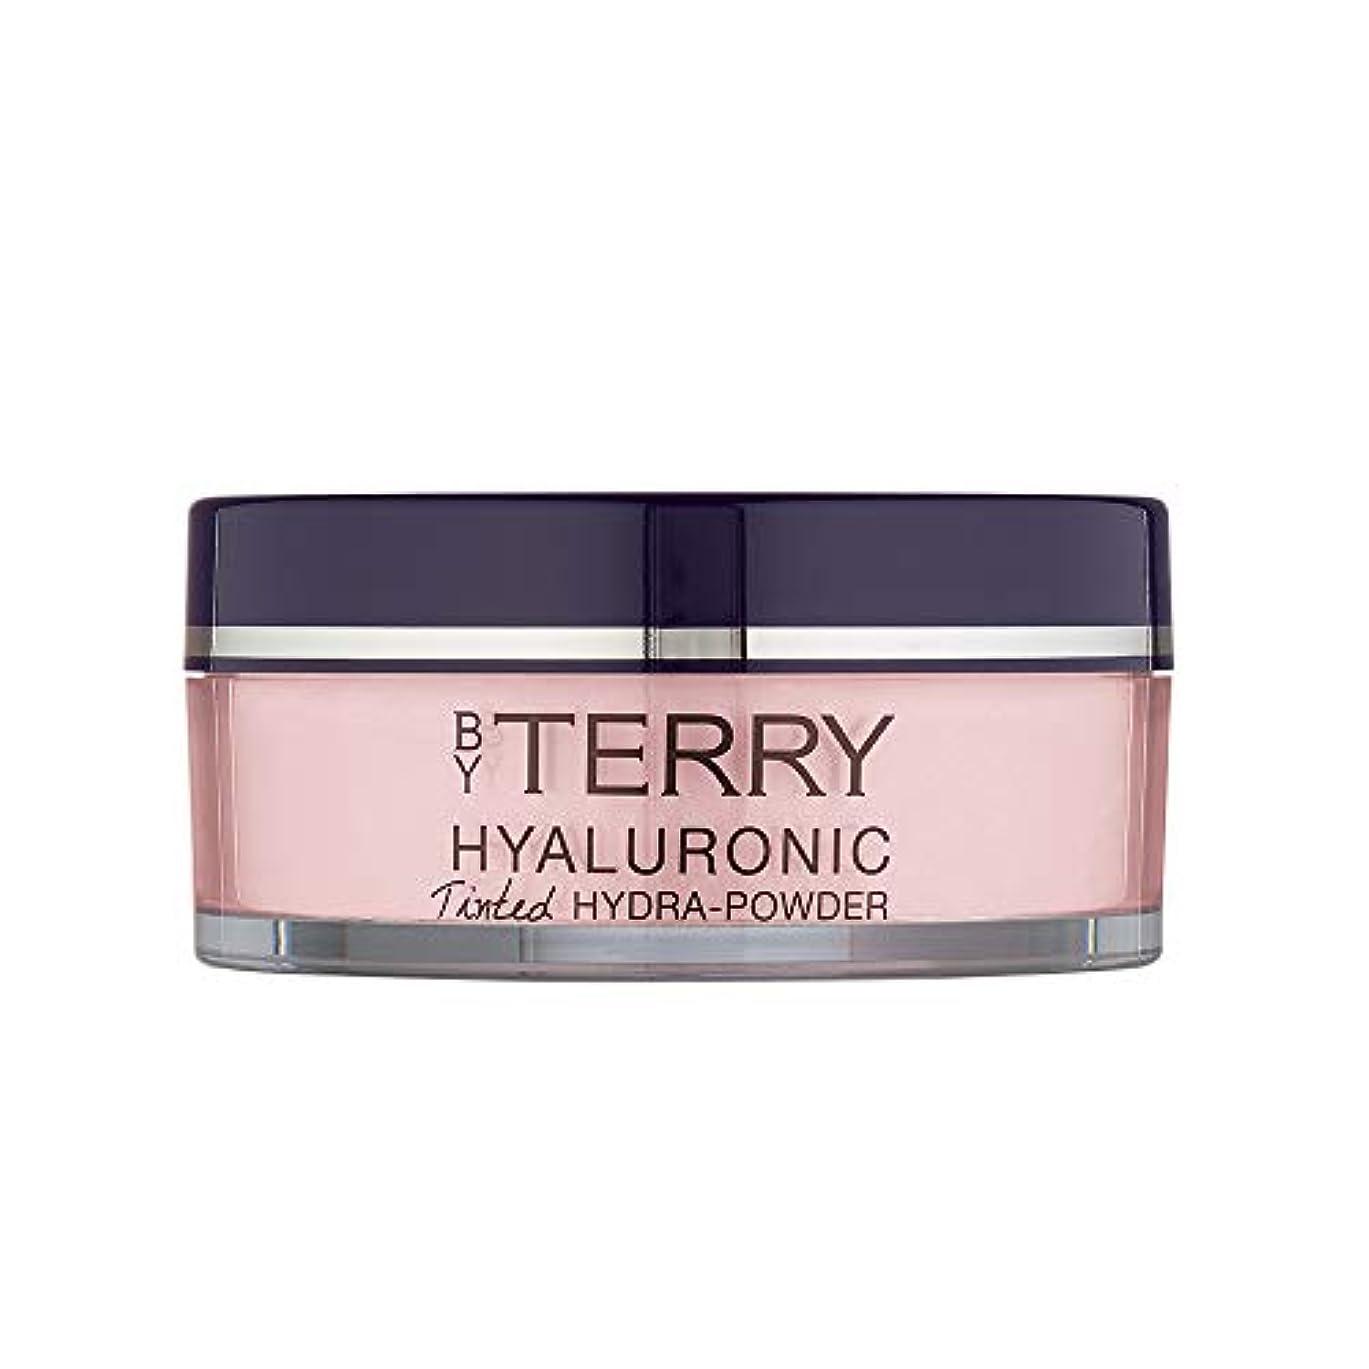 ブラウン絶妙起きてバイテリー Hyaluronic Tinted Hydra Care Setting Powder - # 1 Rosy Light 10g/0.35oz並行輸入品